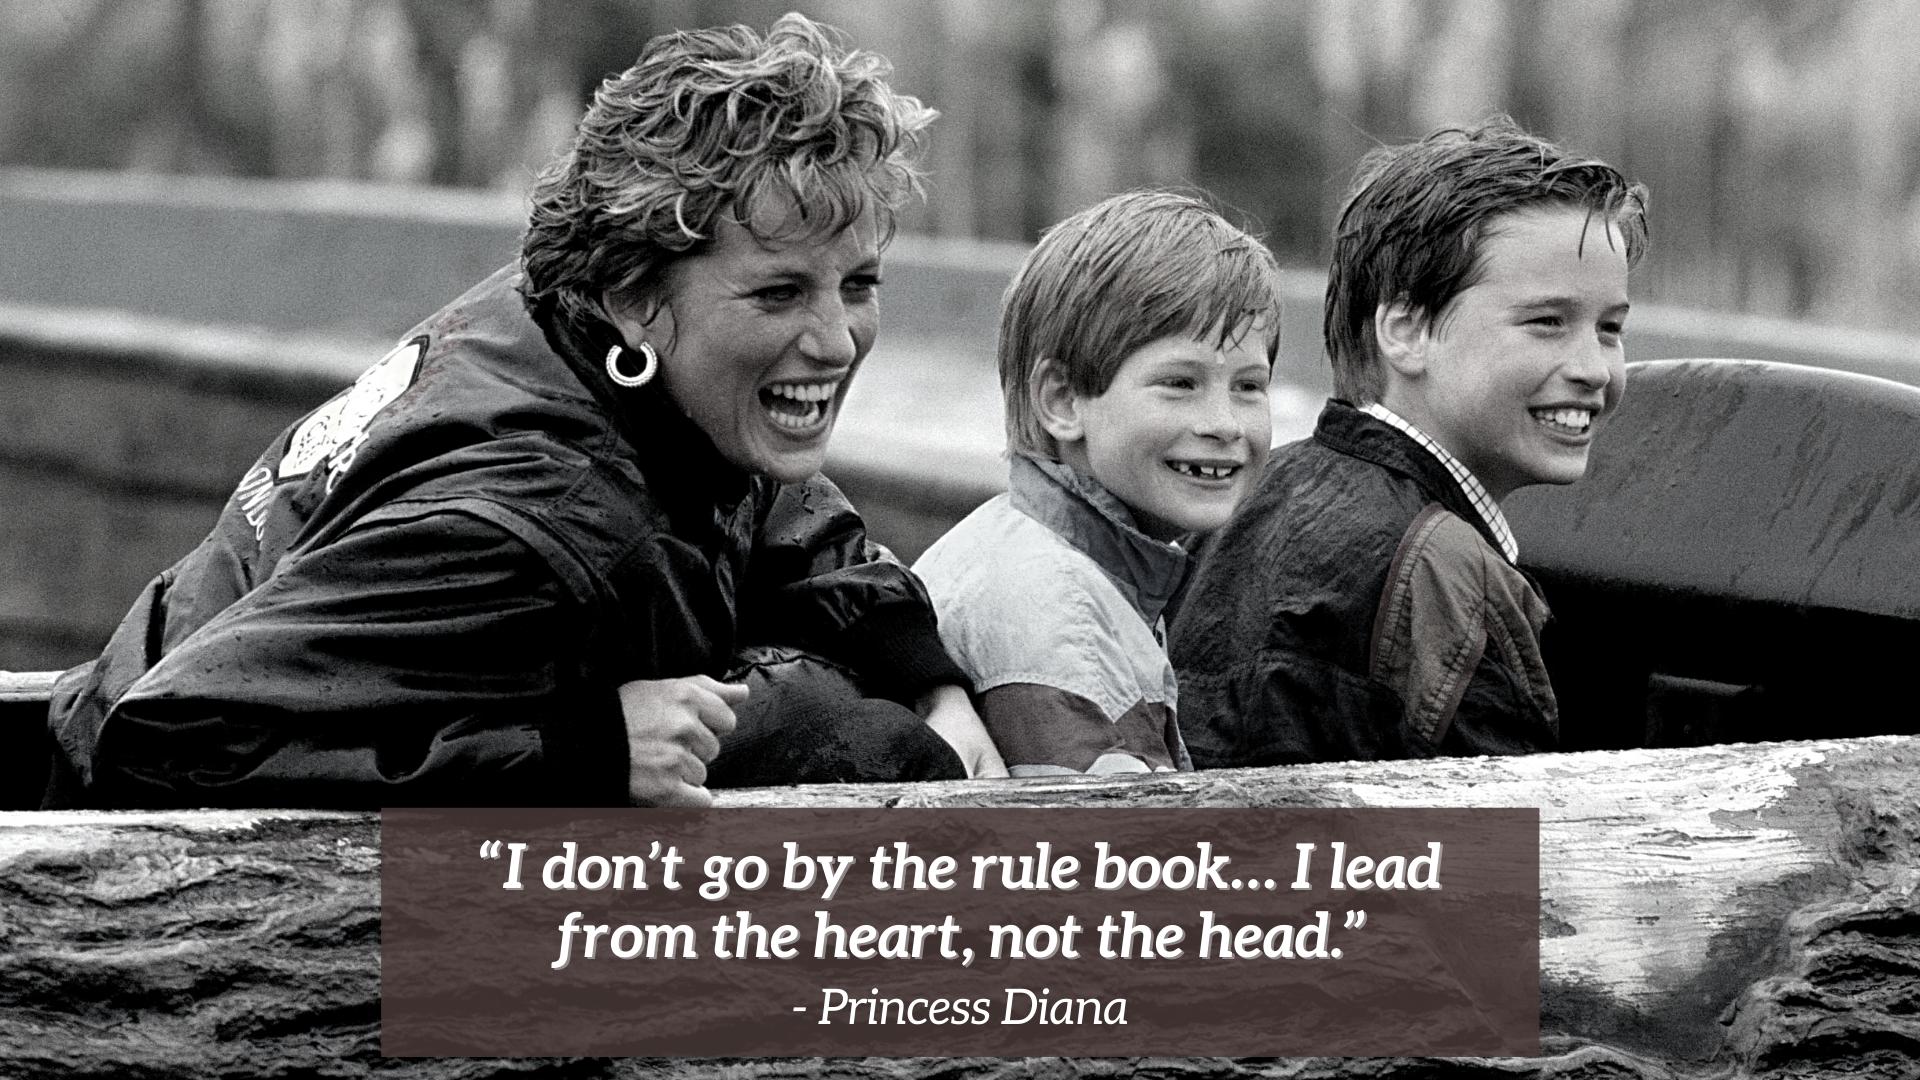 Diana avec Harry et William pendant un tour de toboggan dans un parc d'attractions.